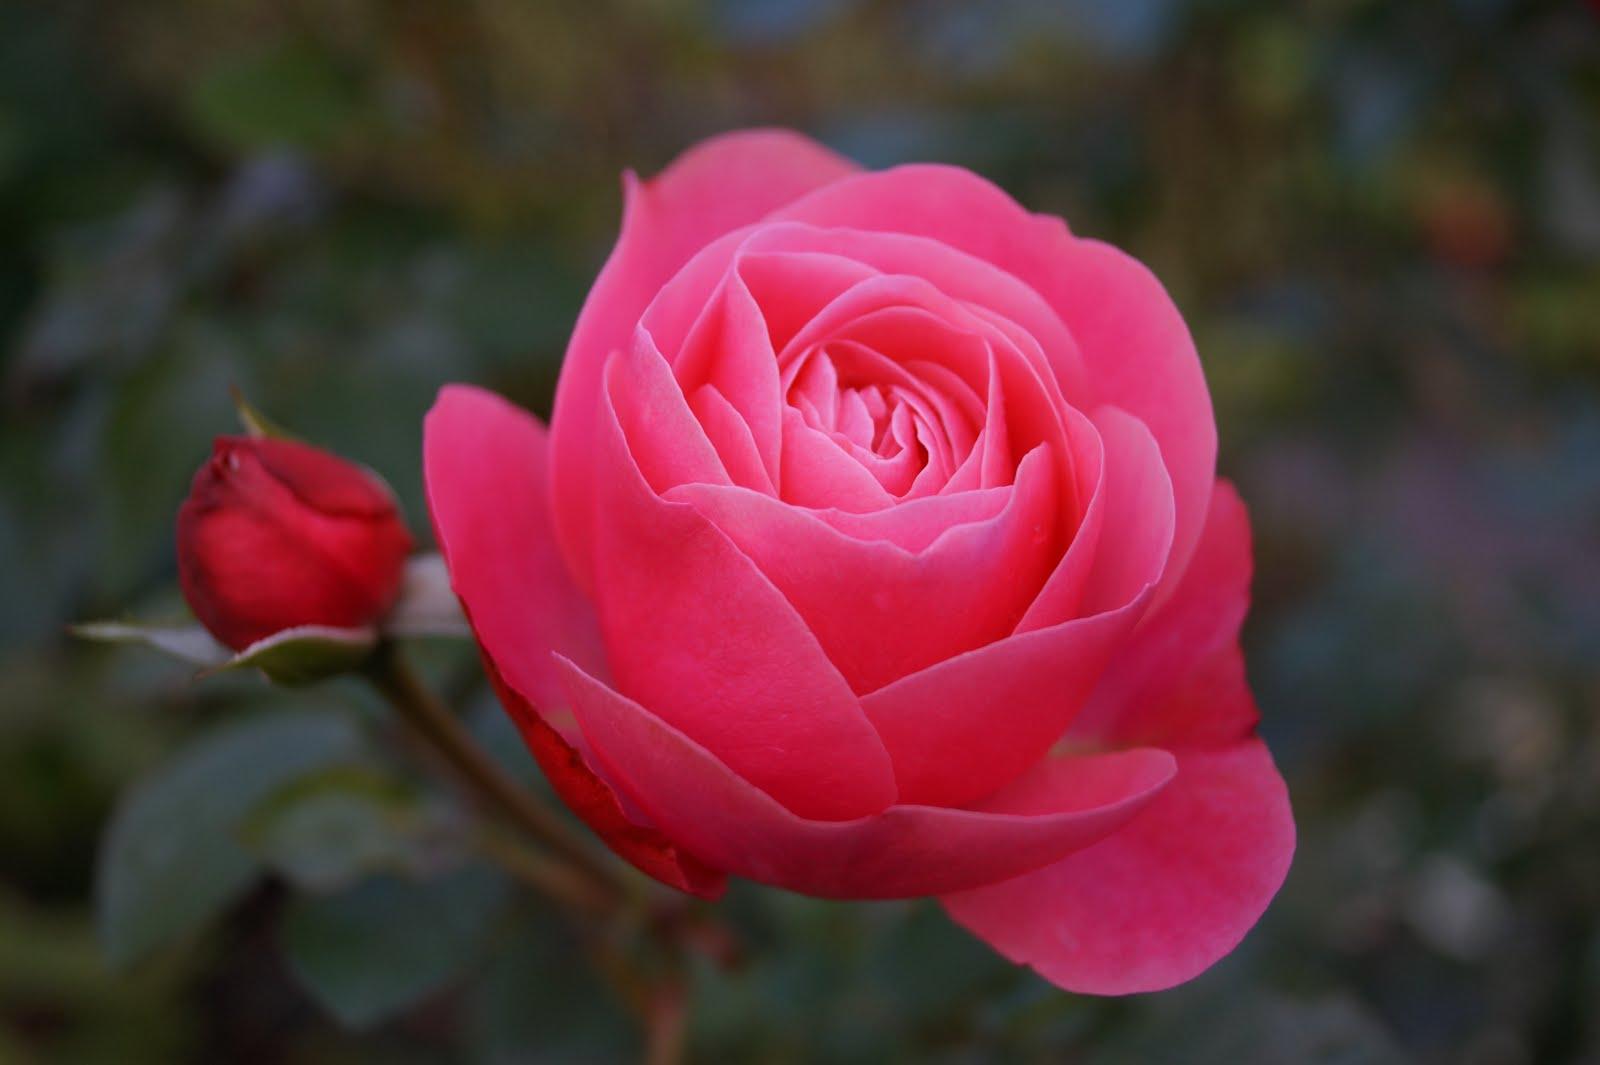 Rosa Leonard de Vinci